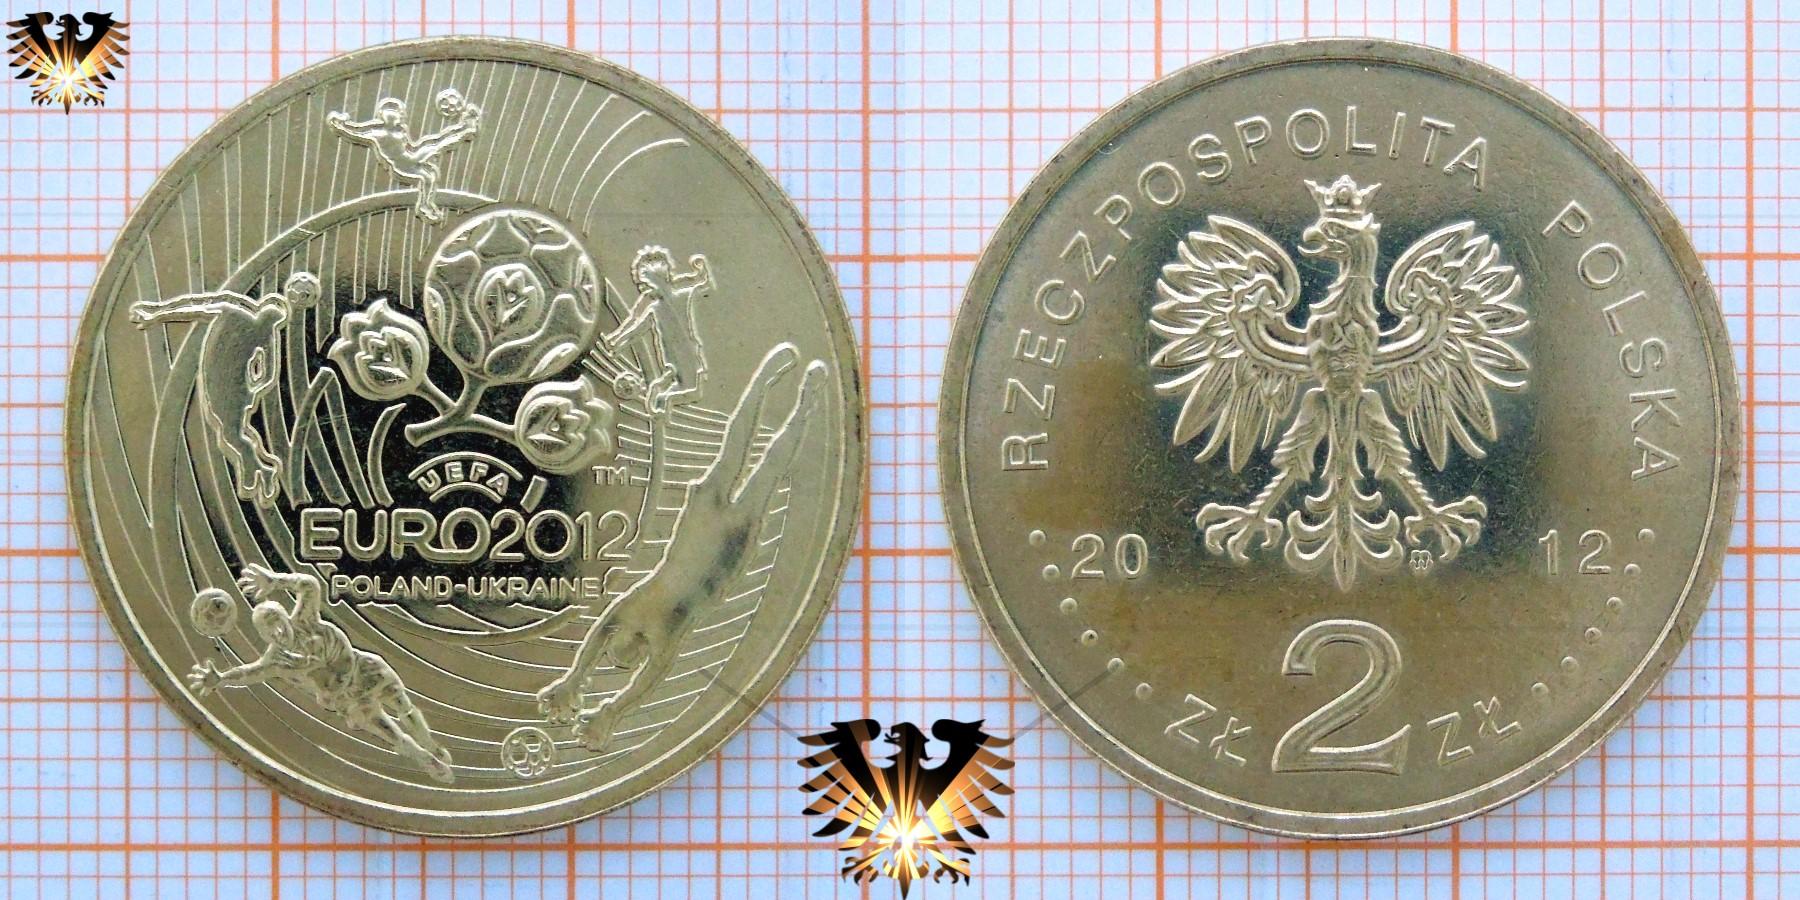 2 Zloty 2012 Uefa Euro 2012 Poland Ukraine Rzeczpospolita Polska